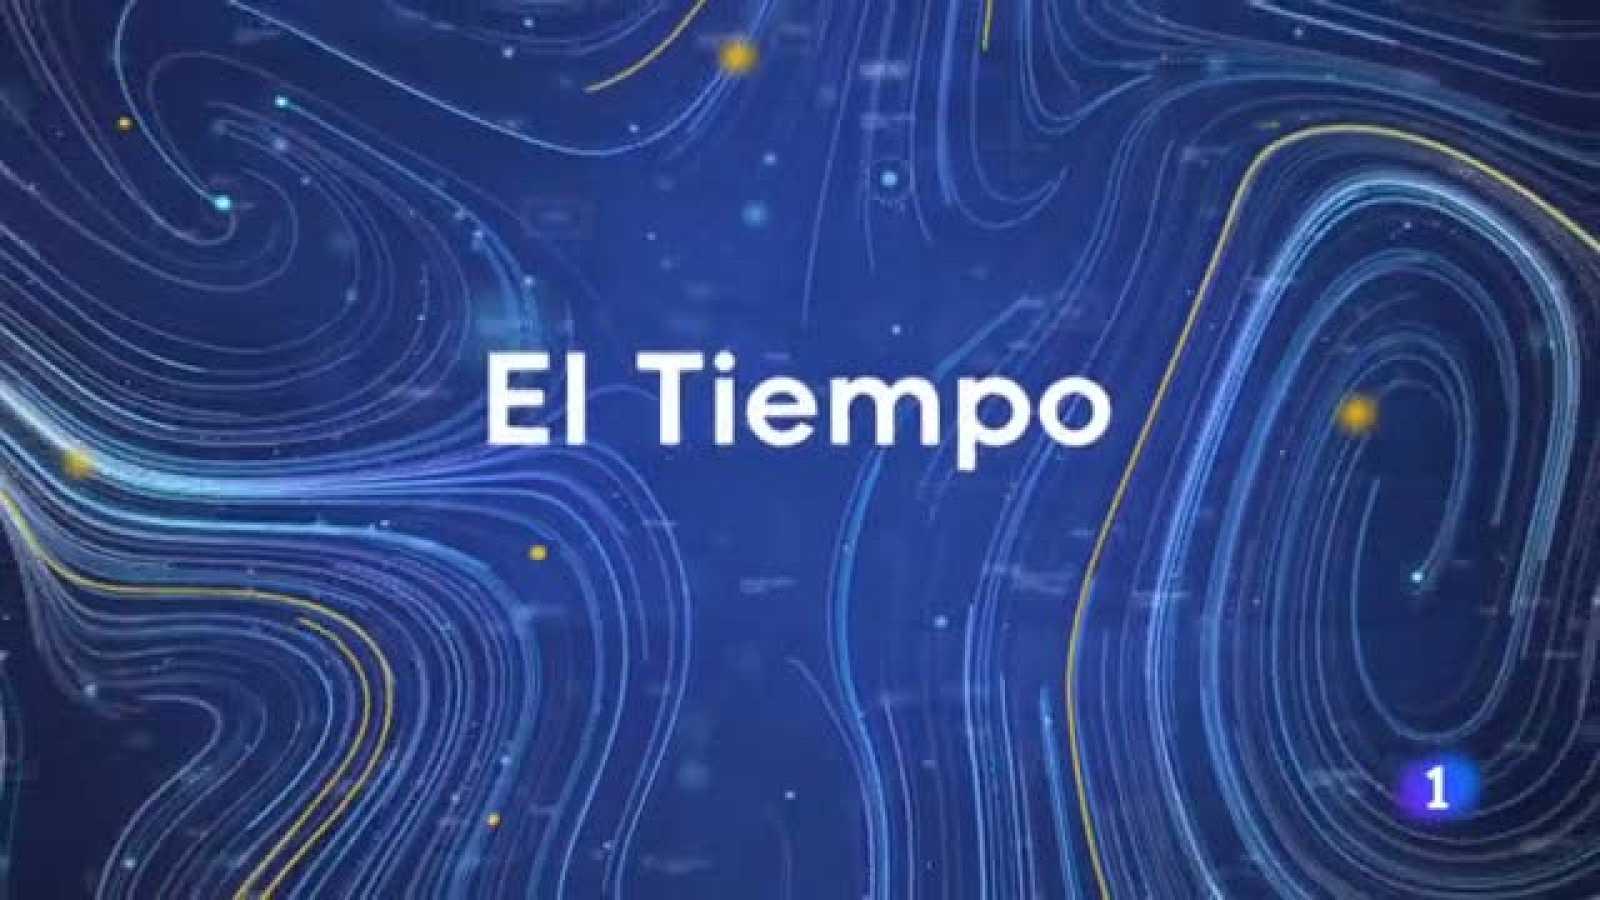 El tiempo en Castilla y León - 22/02/2021 - Ver ahora